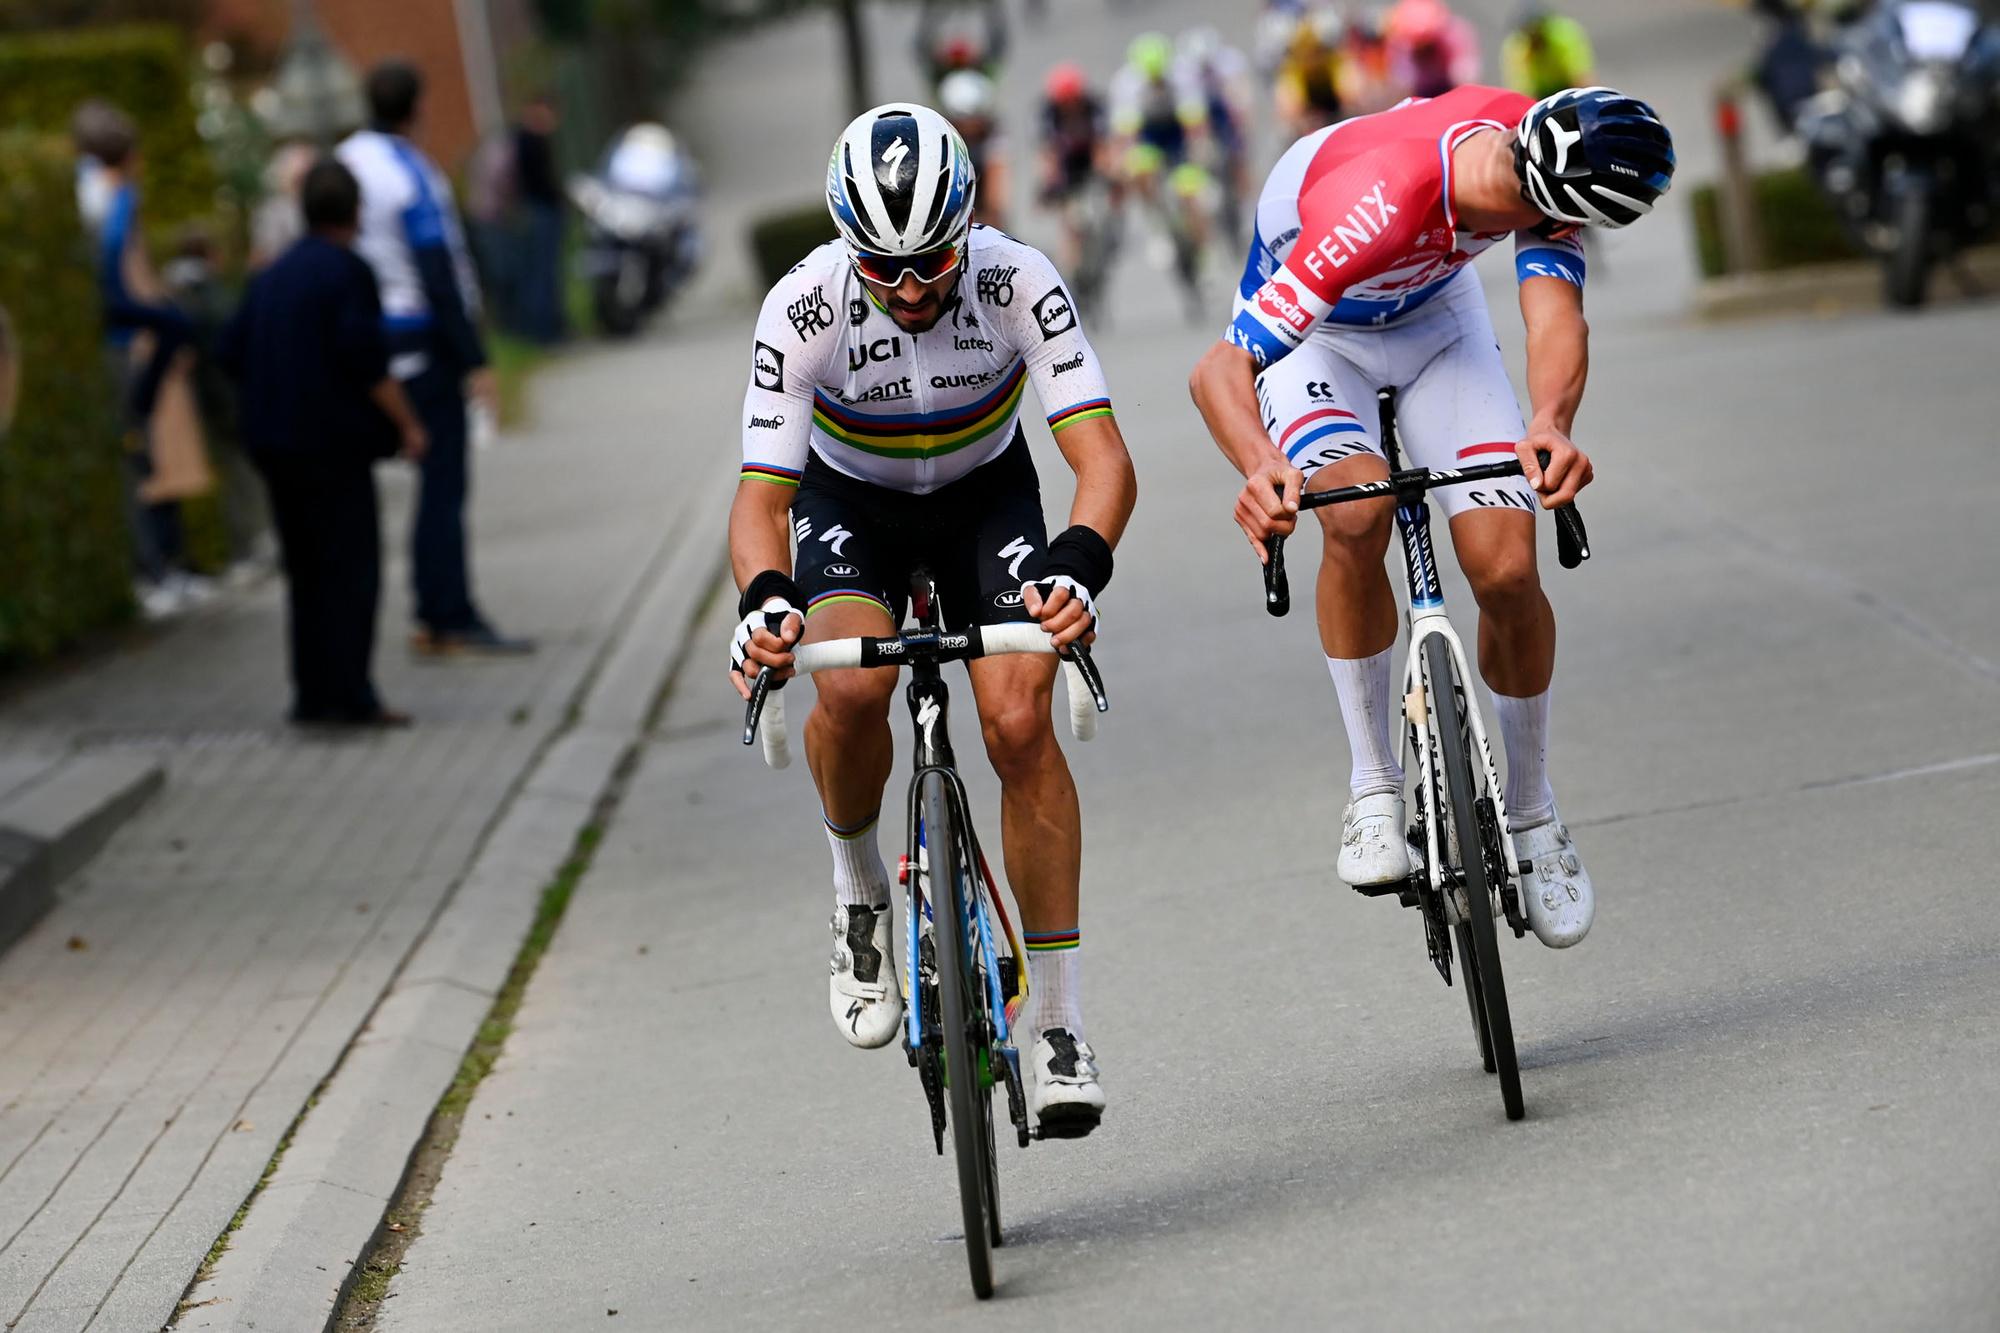 Julian Alaphilippe opent de koers met Van der Poel in zijn wiel., Belga Image